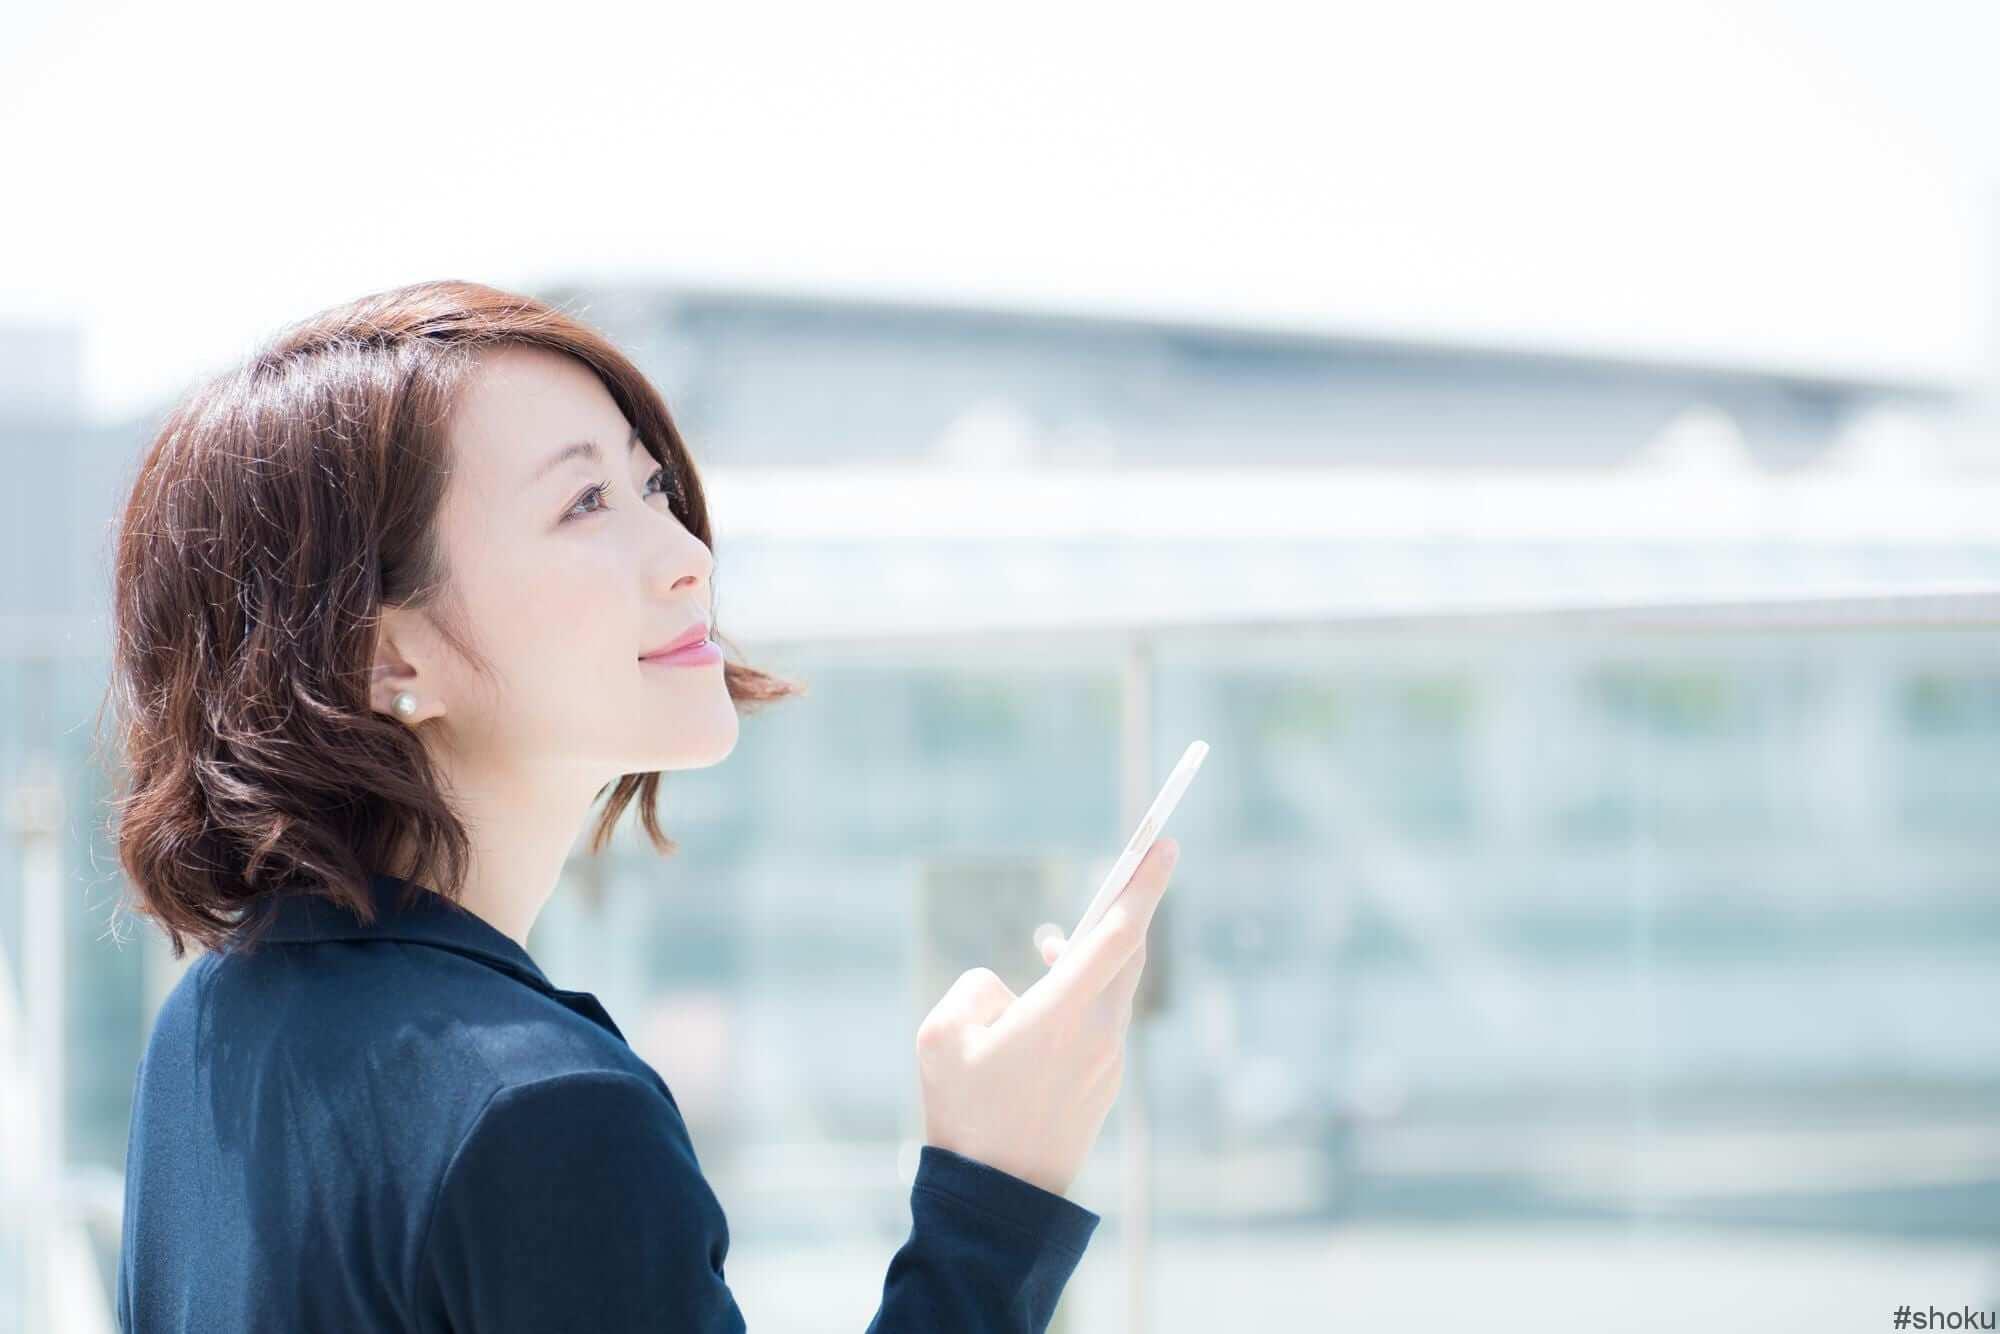 1日で複数の派遣会社にまとめて登録しようと考える女性